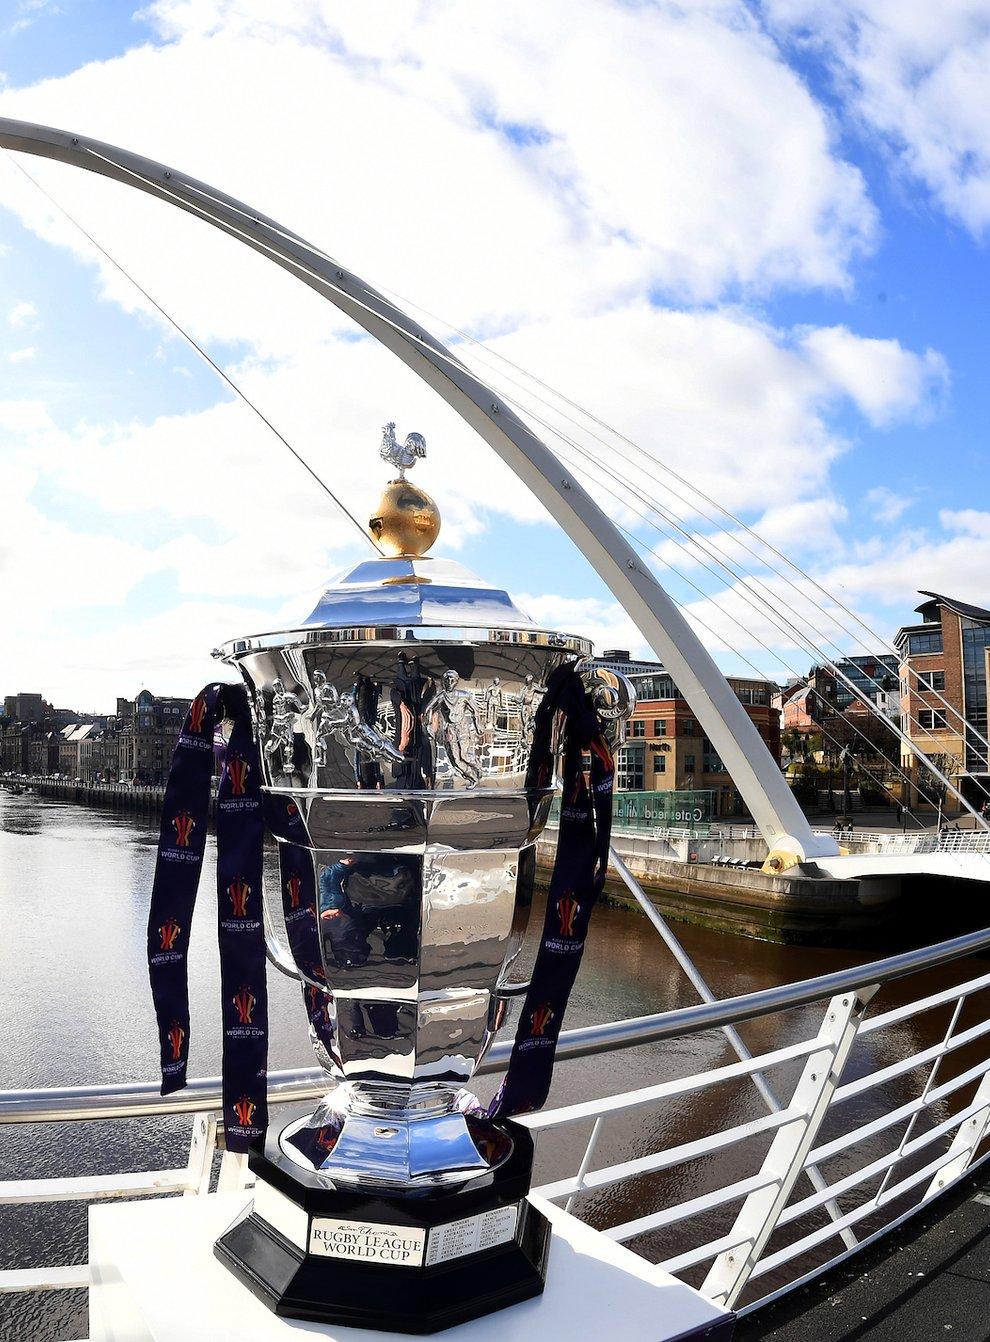 RLWC2021 Trophy in Newcastle